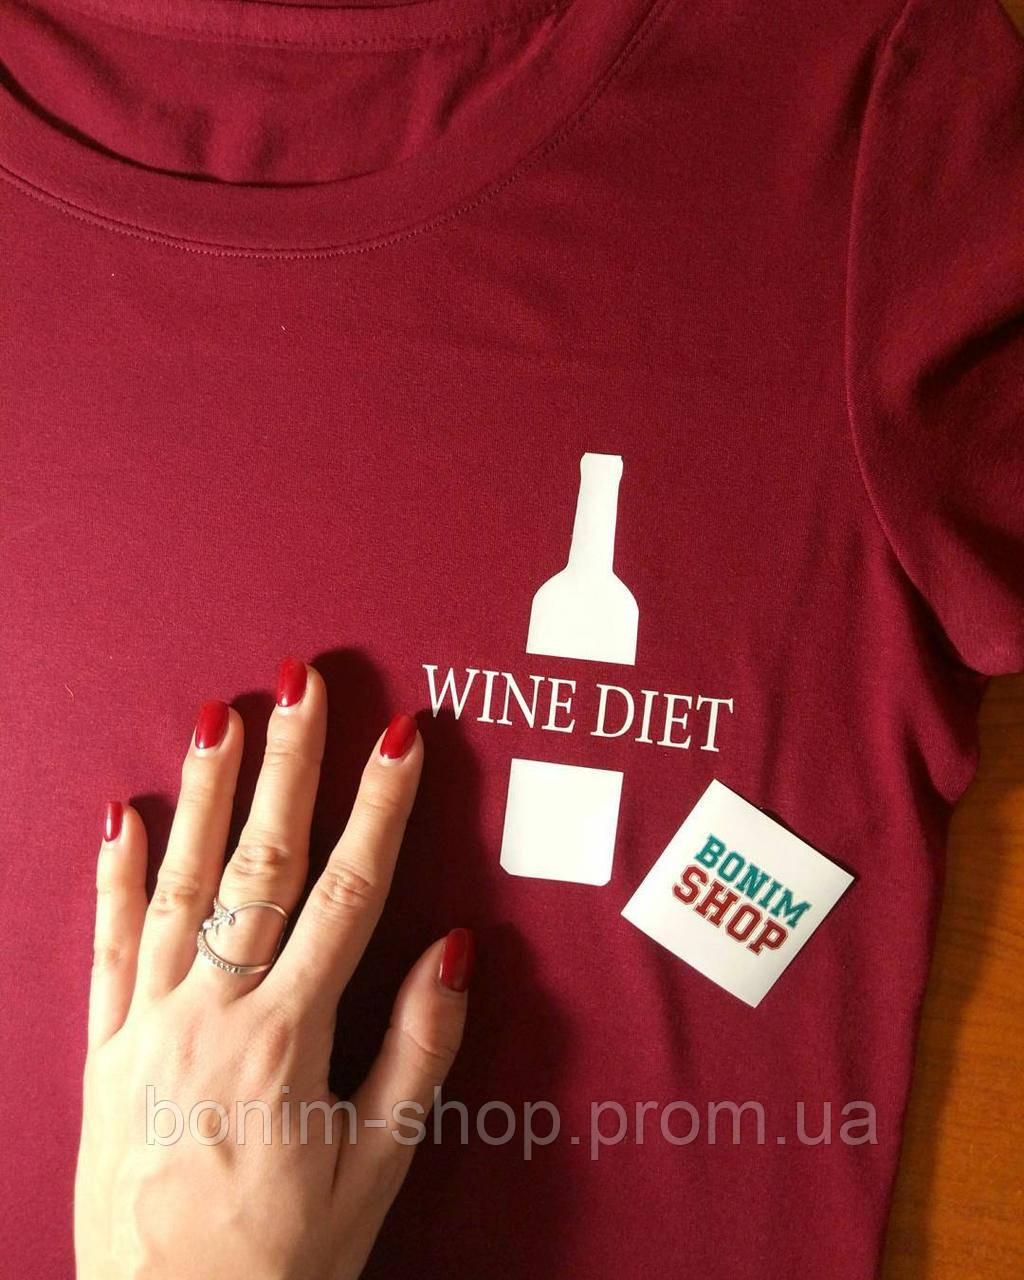 Бордовая женская футболка с принтом Wine diet